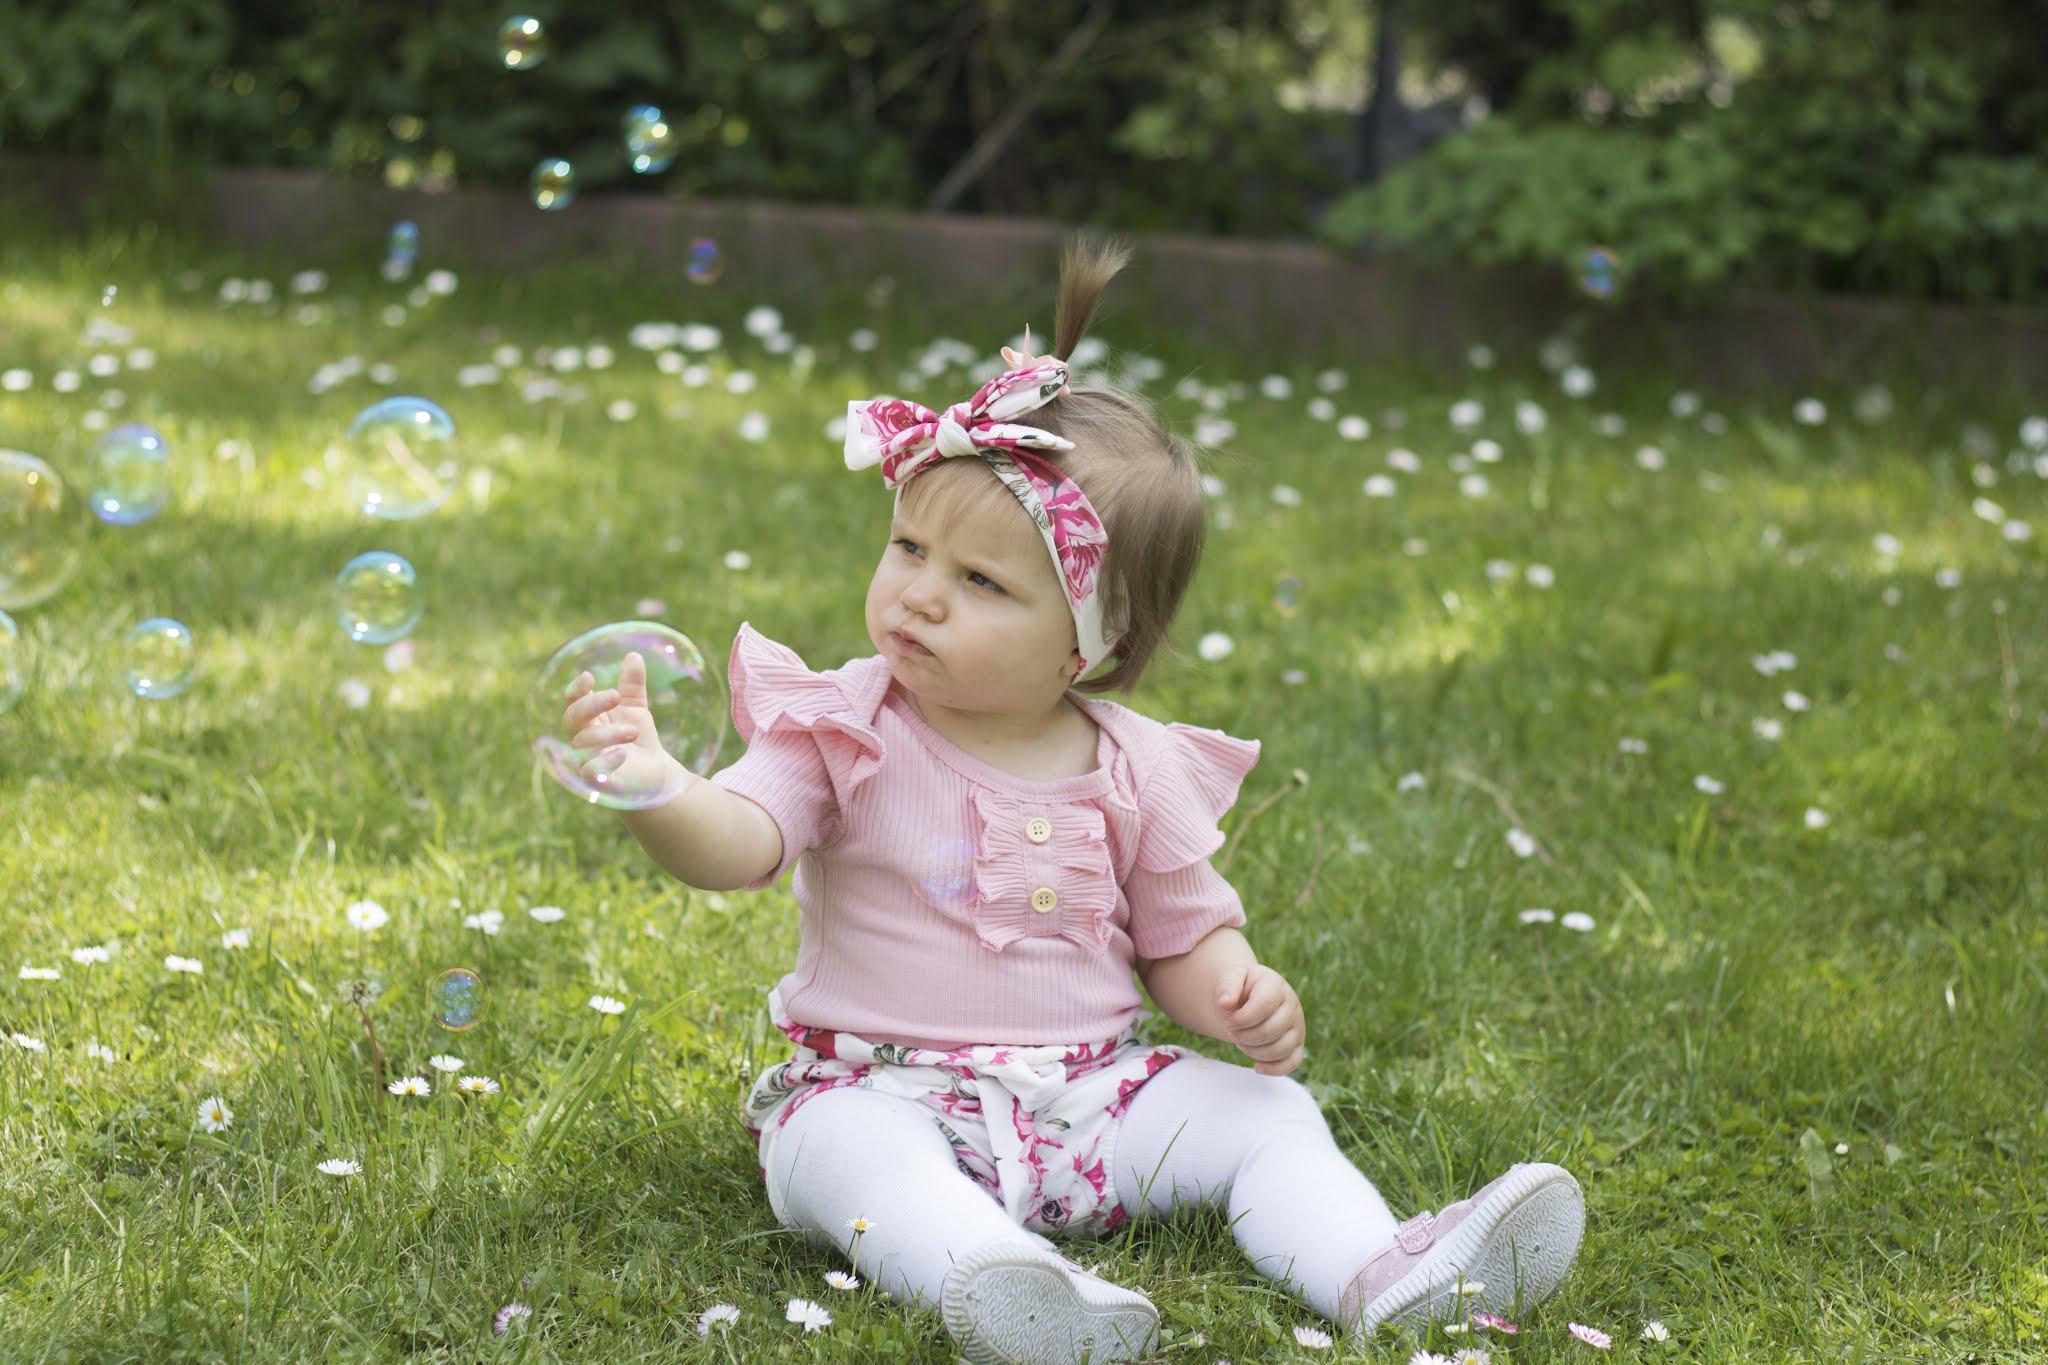 Kilka ujęć! - moja siostrzenica Kaja